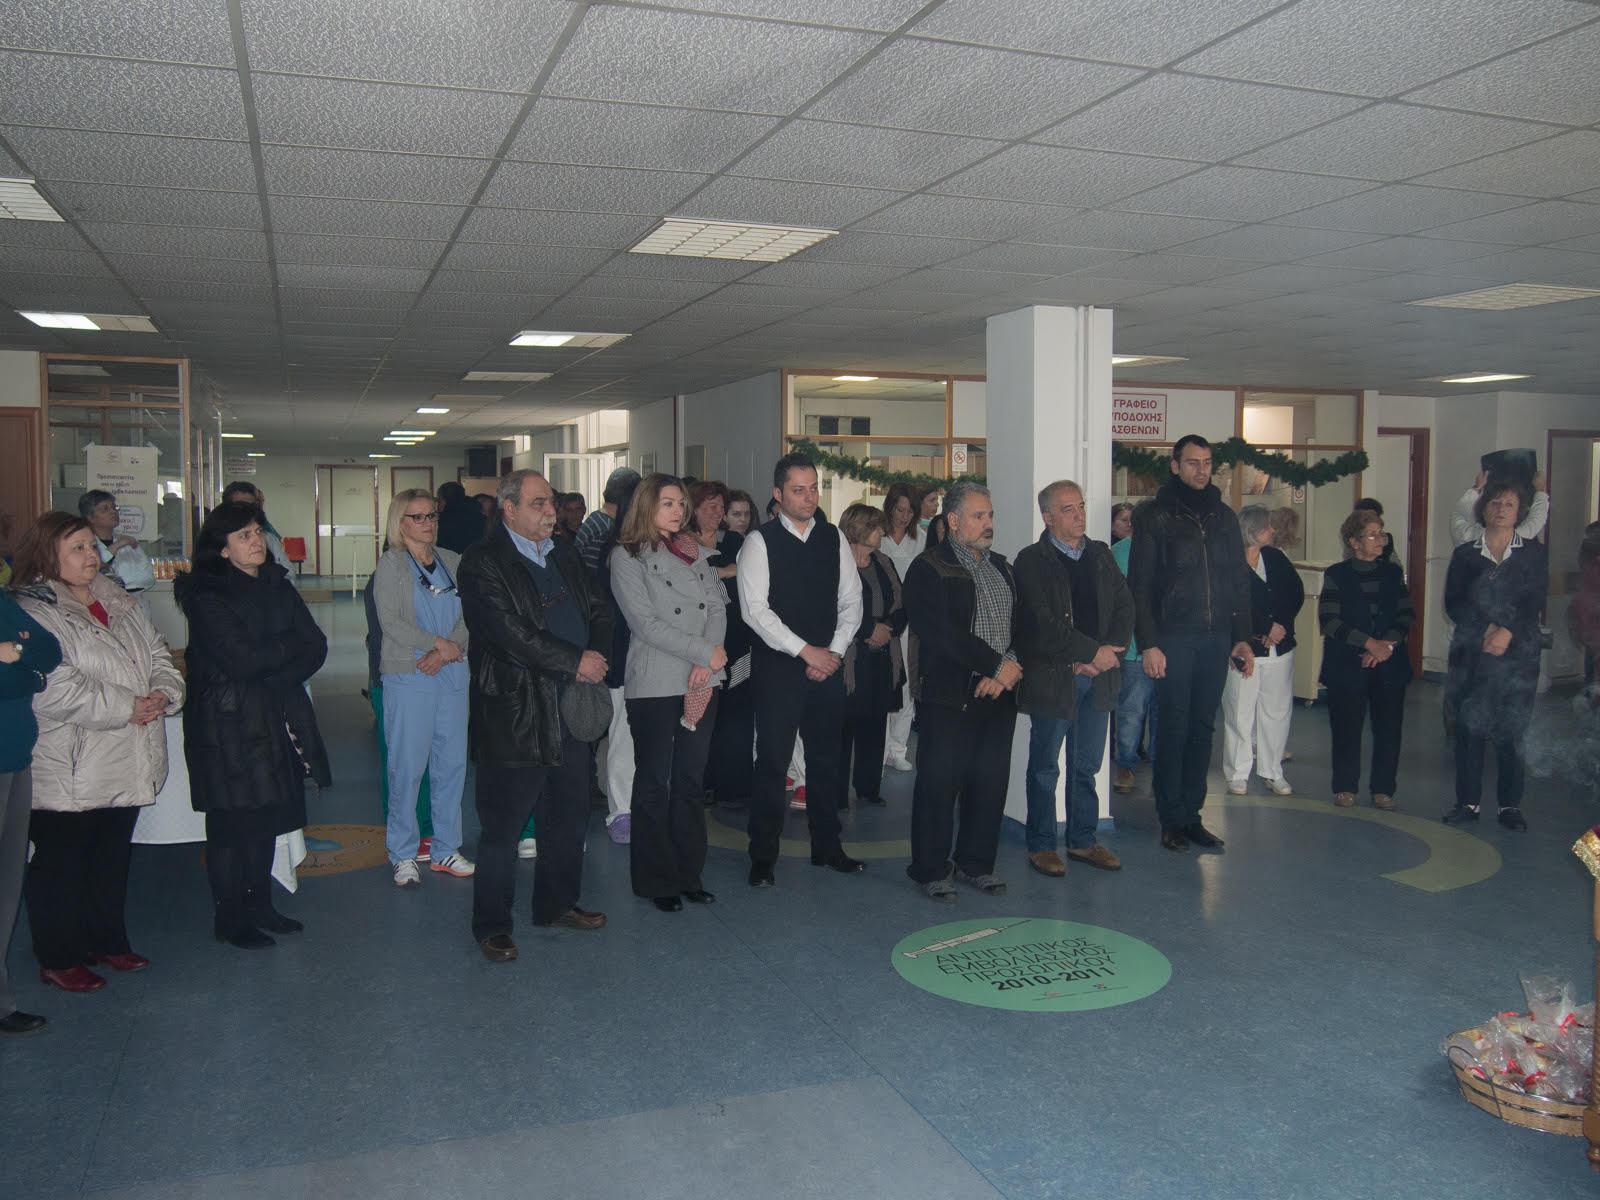 Δεύτερη μέρα περιοδείας των Βουλευτών ΣΥΡΙΖΑ Έβρου στους Δήμους Σουφλίου, Διδυμοτείχου, Ορεστιάδας και στο Νοσοκομείο Διδυμοτείχου